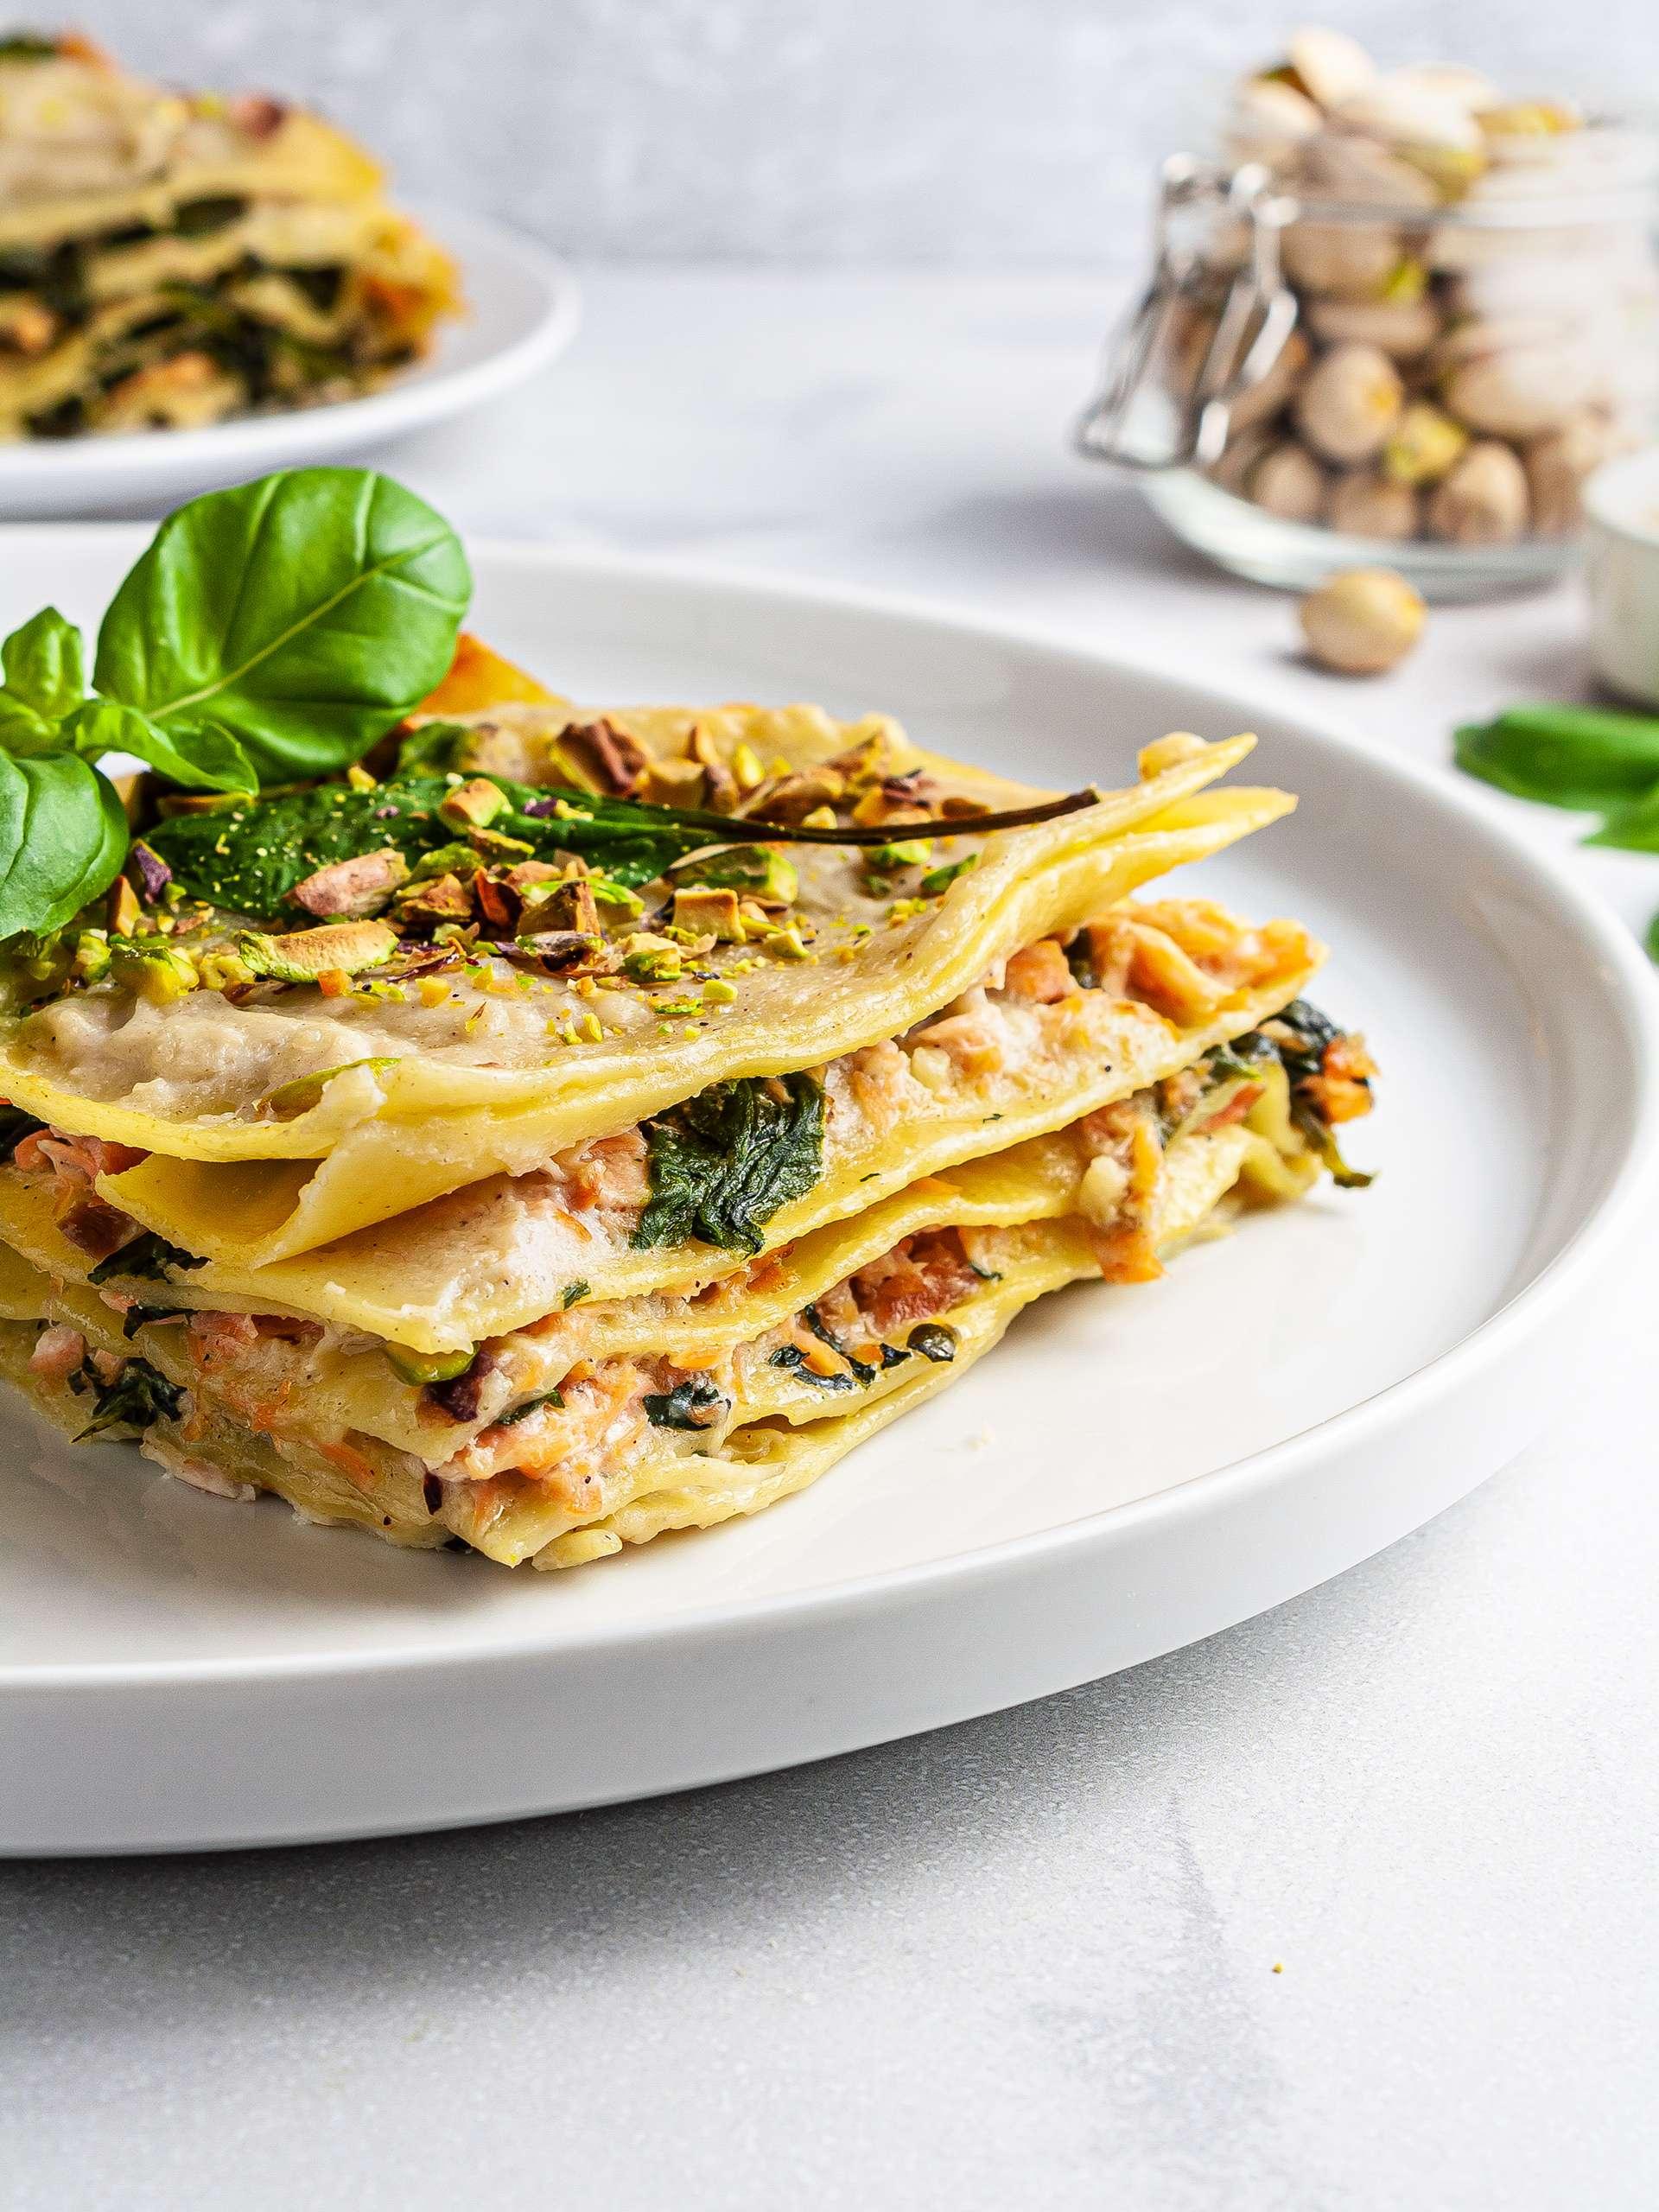 Dairy-Free Spinach Salmon Lasagna Recipe Thumbnail